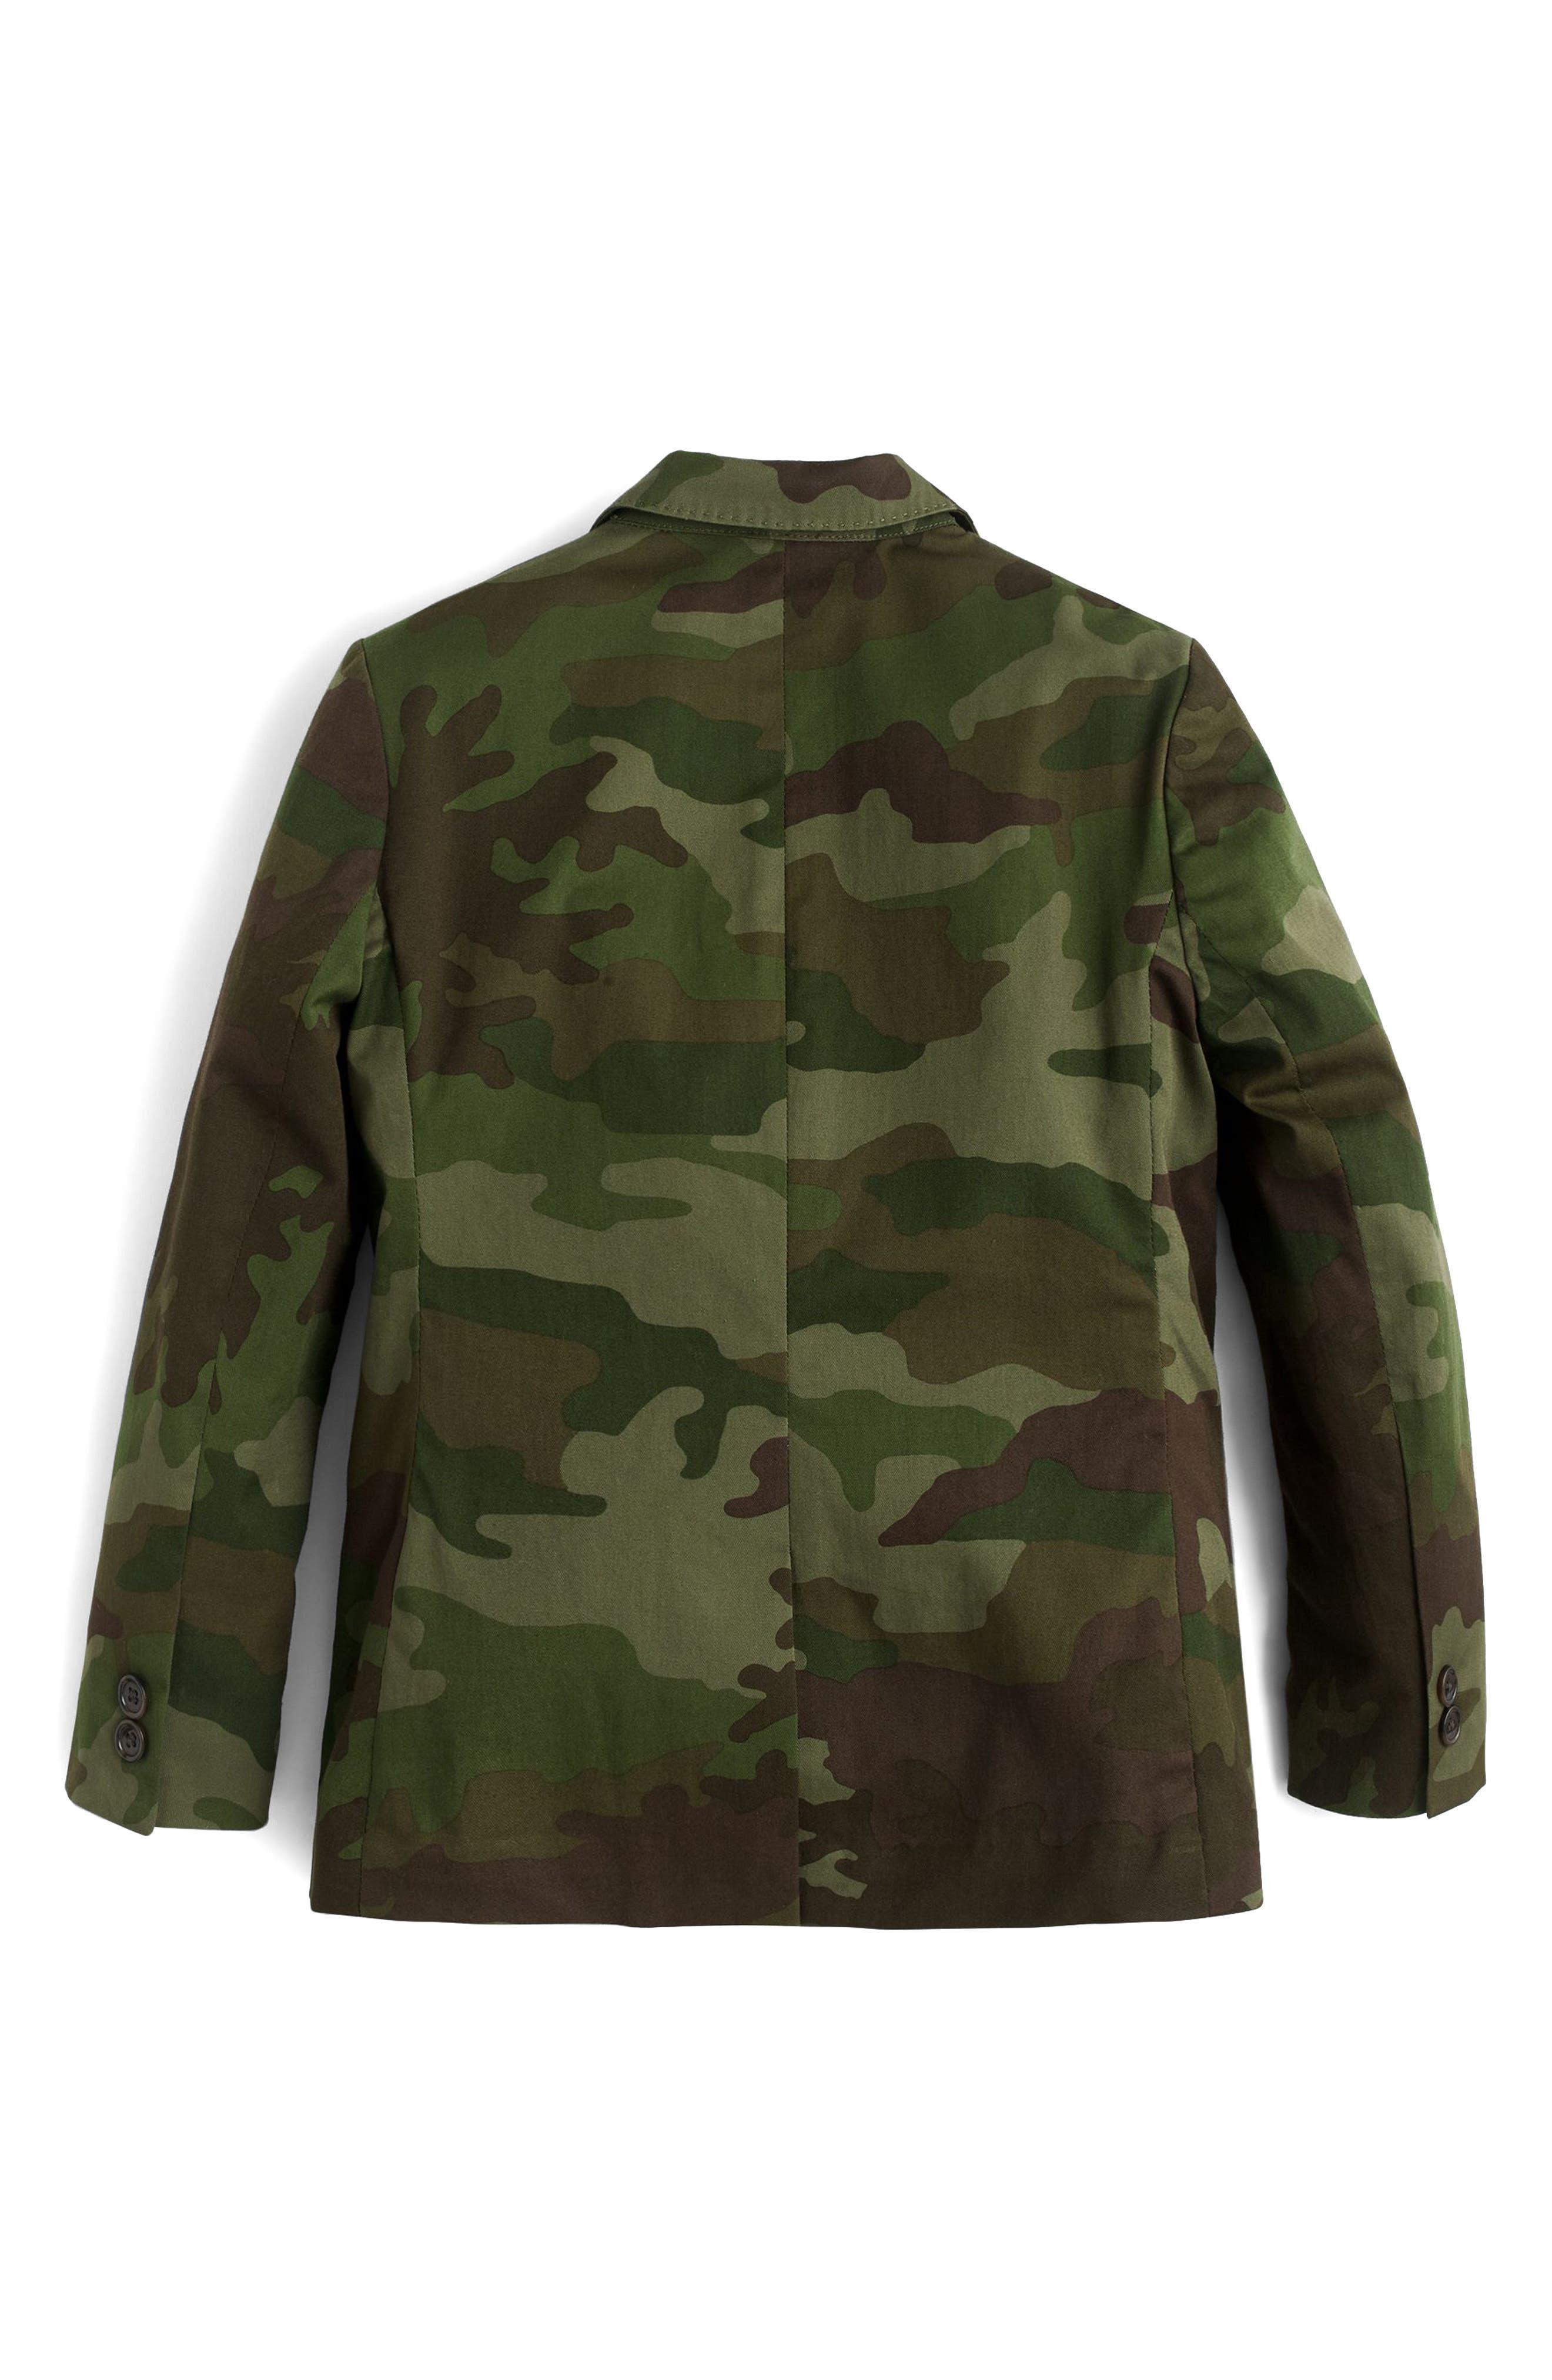 Ludlow Camo Unstructured Suit Jacket,                             Alternate thumbnail 2, color,                             Camo Multi Wx1672